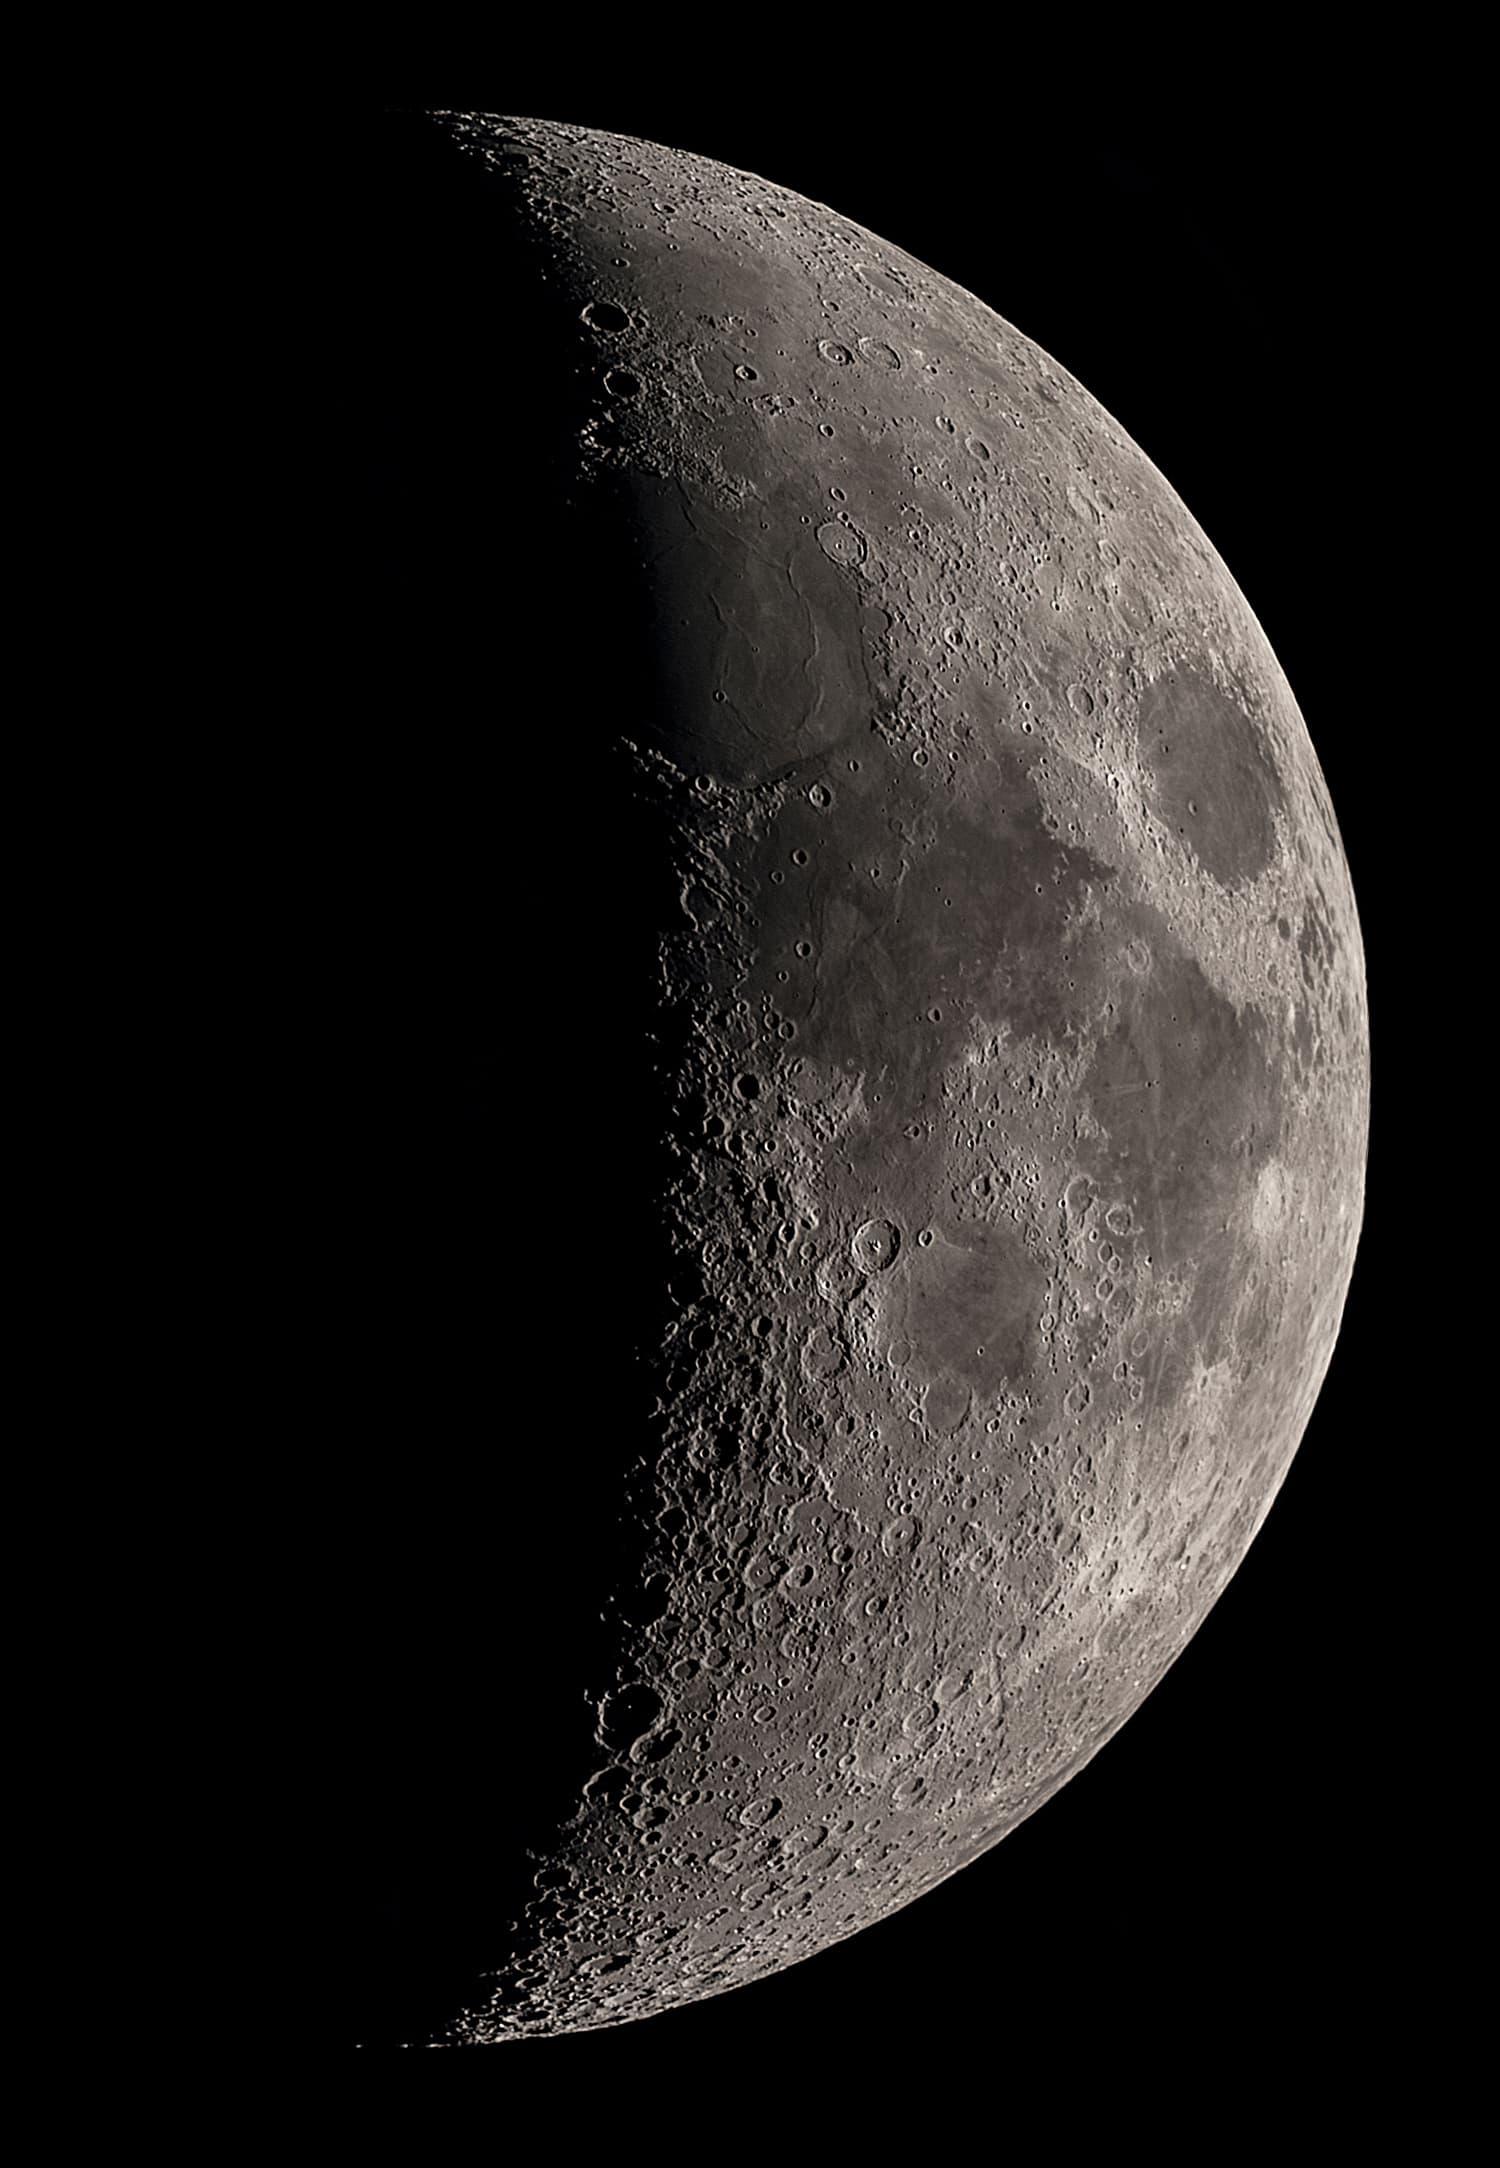 Mond vom 10. Mai 2019